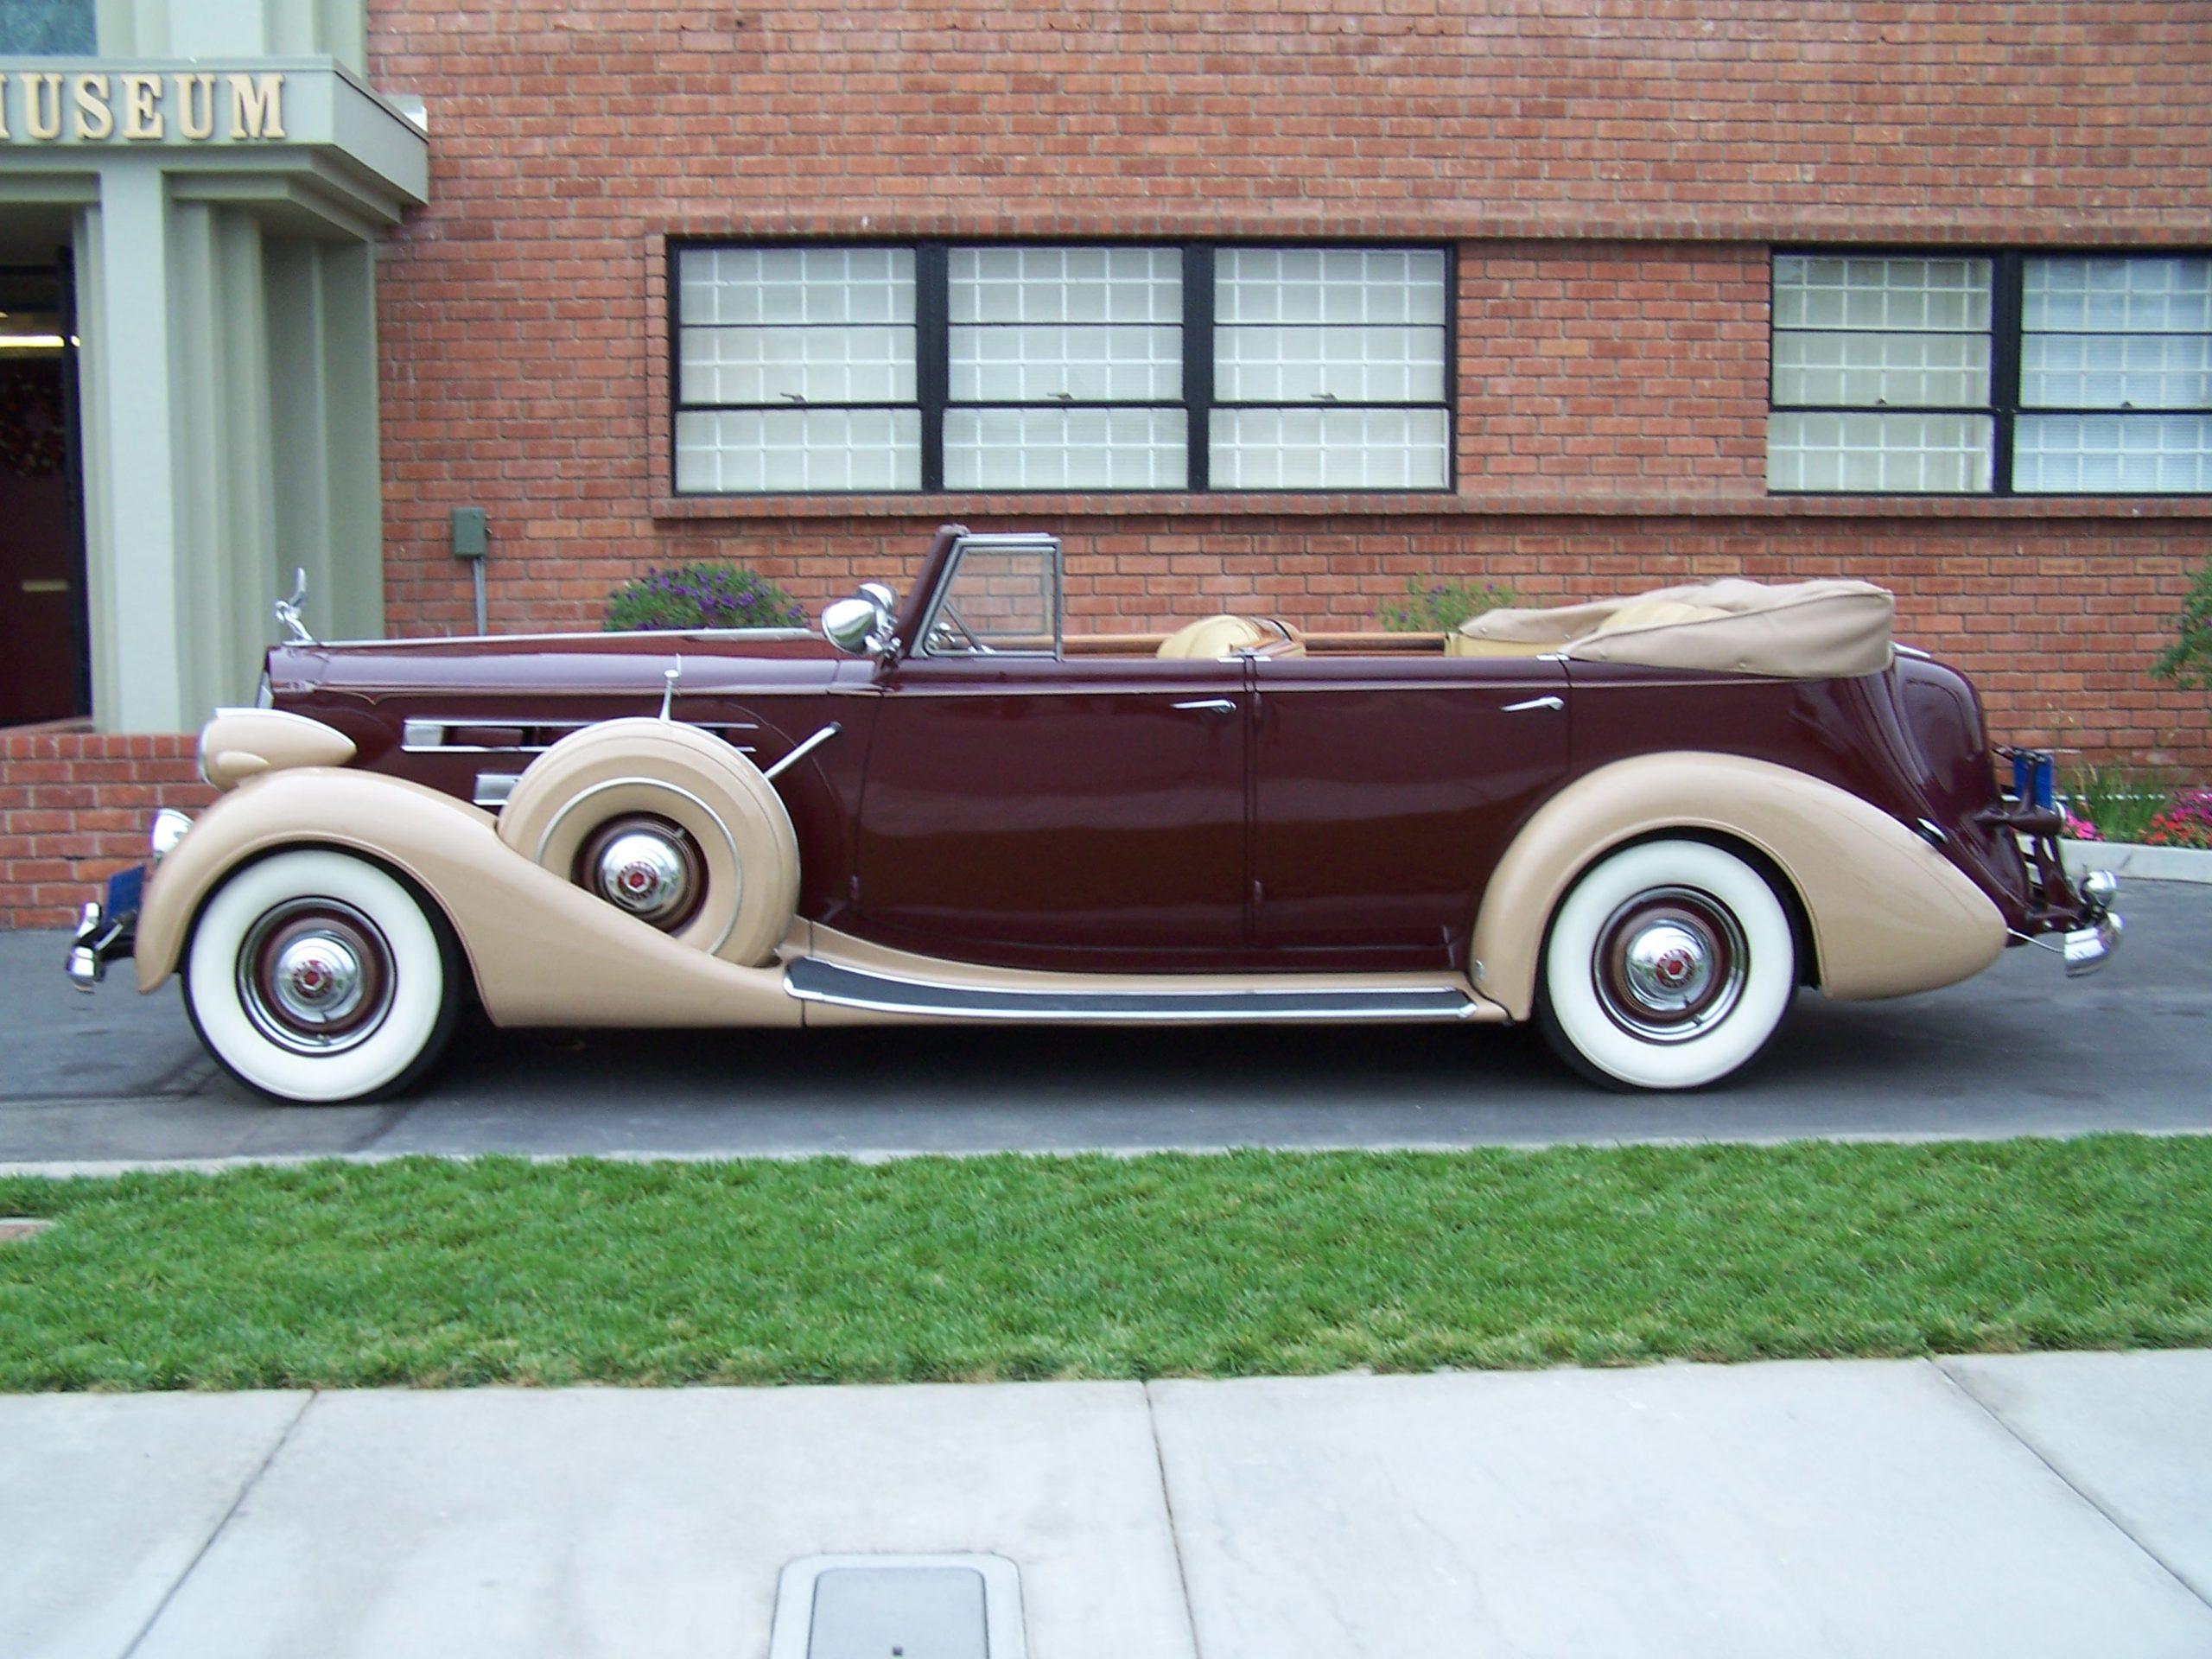 1937 Packard V12 for rent